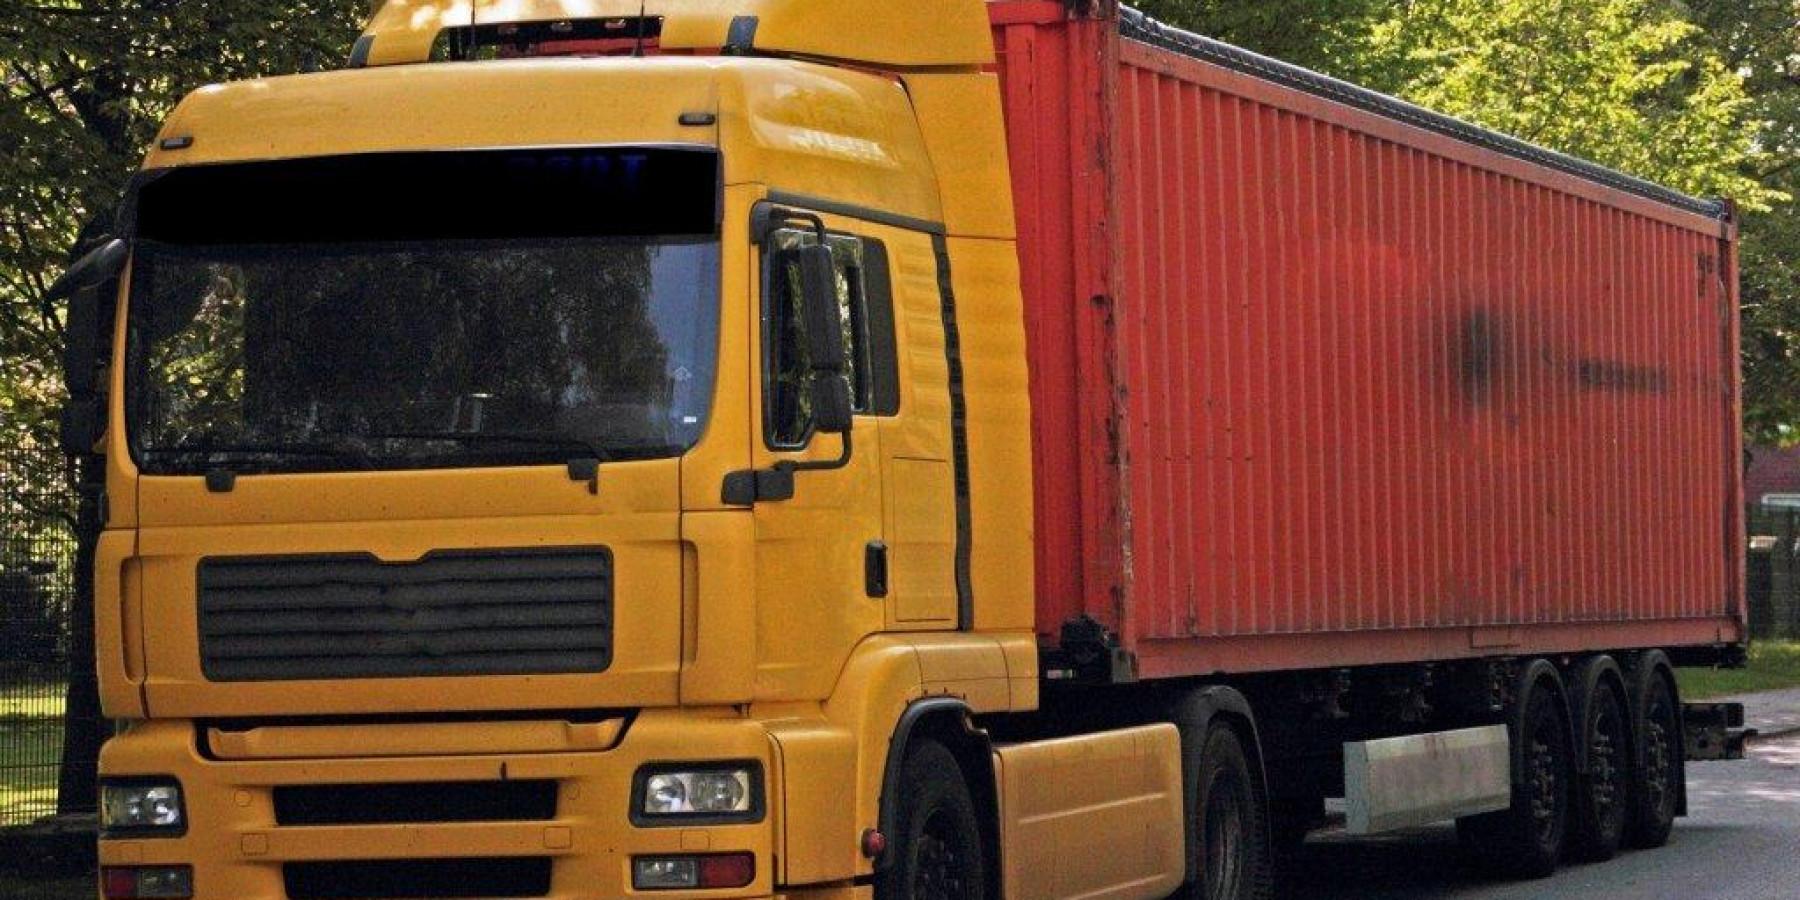 Sattelzug mit Mängeln an Bremsen, Reifen und Ladung gestoppt